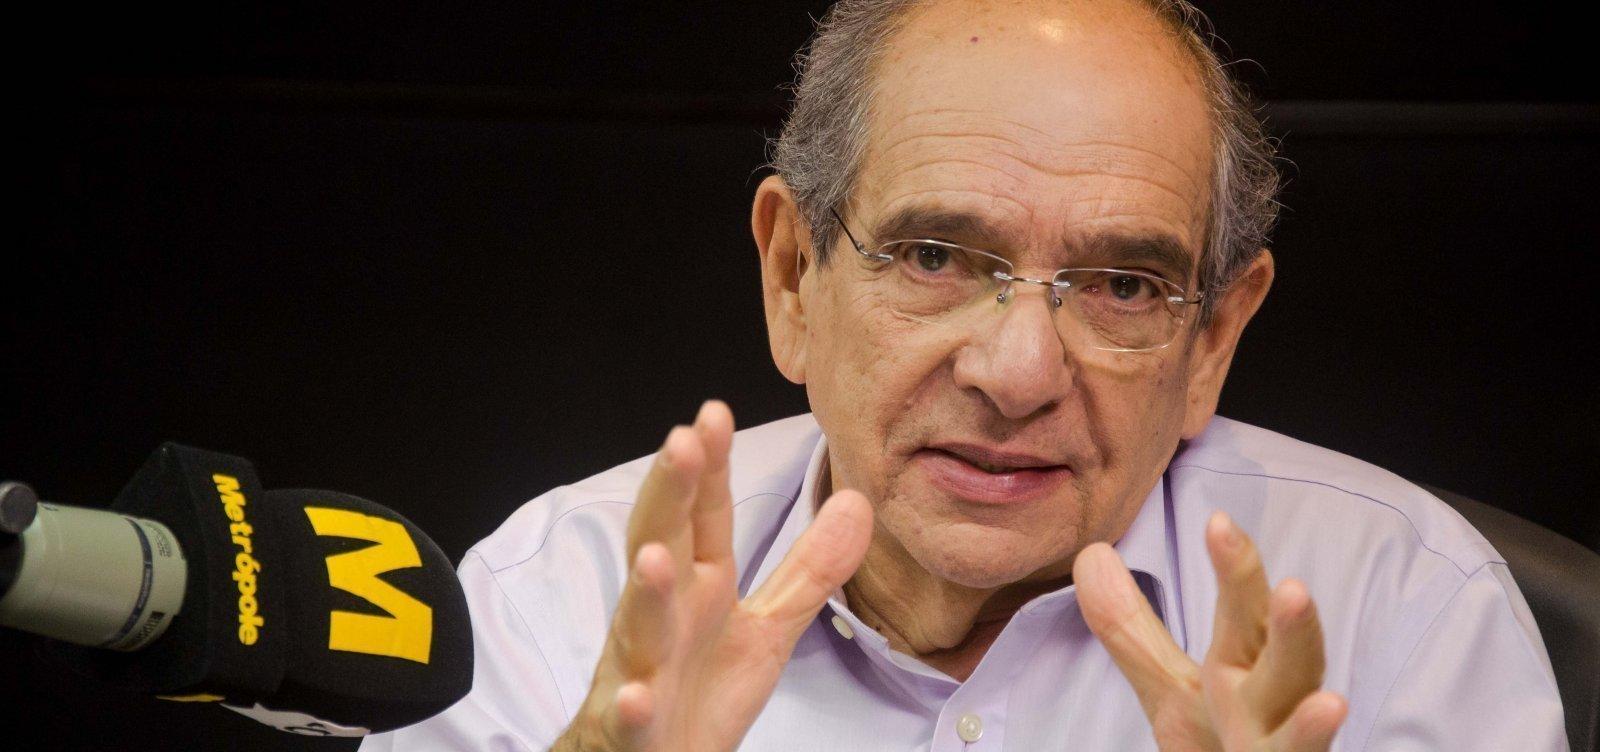 MK se diz preocupado com protestos no Chile e política brasileira: 'O negócio tá indo pro brejo'; ouça